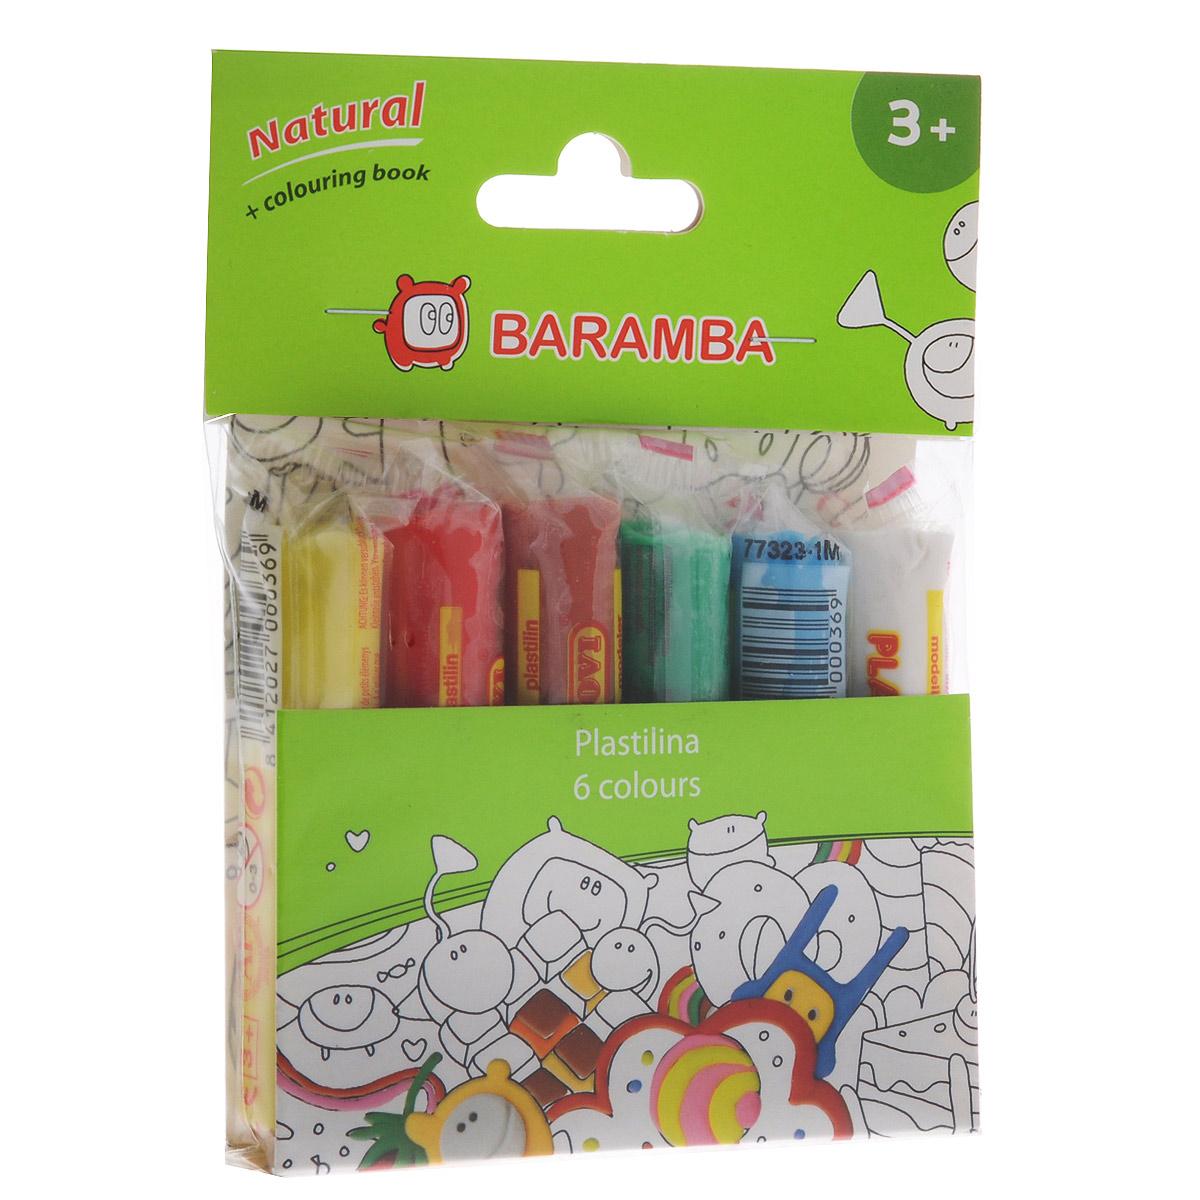 Пластилин Baramba, 6 цветов, с раскраской72523WDПластилин Baramba с раскраской - это отличная возможность познакомить ребенка с еще одним из видов изобразительного творчества, в котором создаются объемные образы и целые композиции. В набор входит пластилин 6 ярких цветов (белый, голубой, зеленый, коричневый, красный, желтый). Цвета пластилина легко смешиваются между собой, и таким образом можно получить новые оттенки. Пластилин на растительной основе, очень мягкий, содержит натуральные масла и воск, легко смешивается друг с другом и не липнет к рукам.Техника лепки богата и разнообразна, но при этом доступна даже маленьким детям. В комплект также входит раскраска с изображением, которое малыш сможет раскрасить с помощью пластилина. Занятие лепкой не только увлекательно, но и полезно для ребенка. Оно способствует развитию творческого и пространственного мышления, восприятия формы, фактуры, цвета и веса, развивает воображение и мелкую моторику.